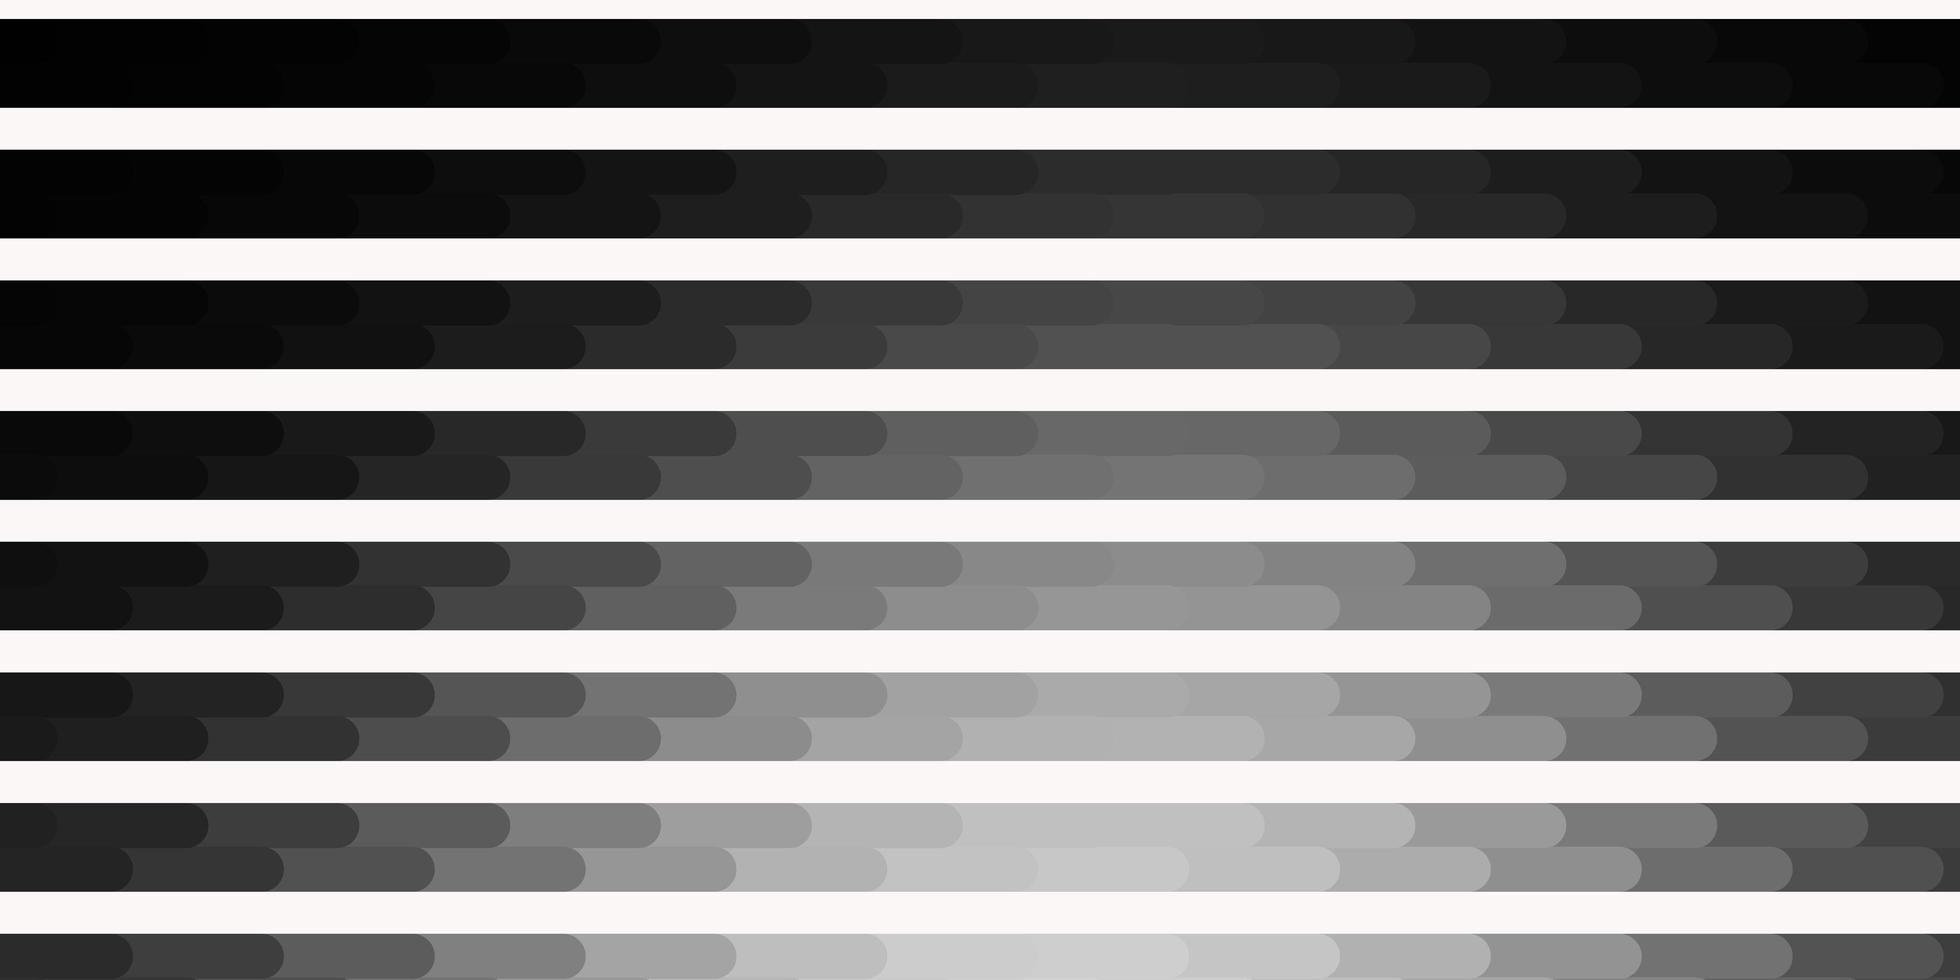 textura cinza escura com linhas. vetor